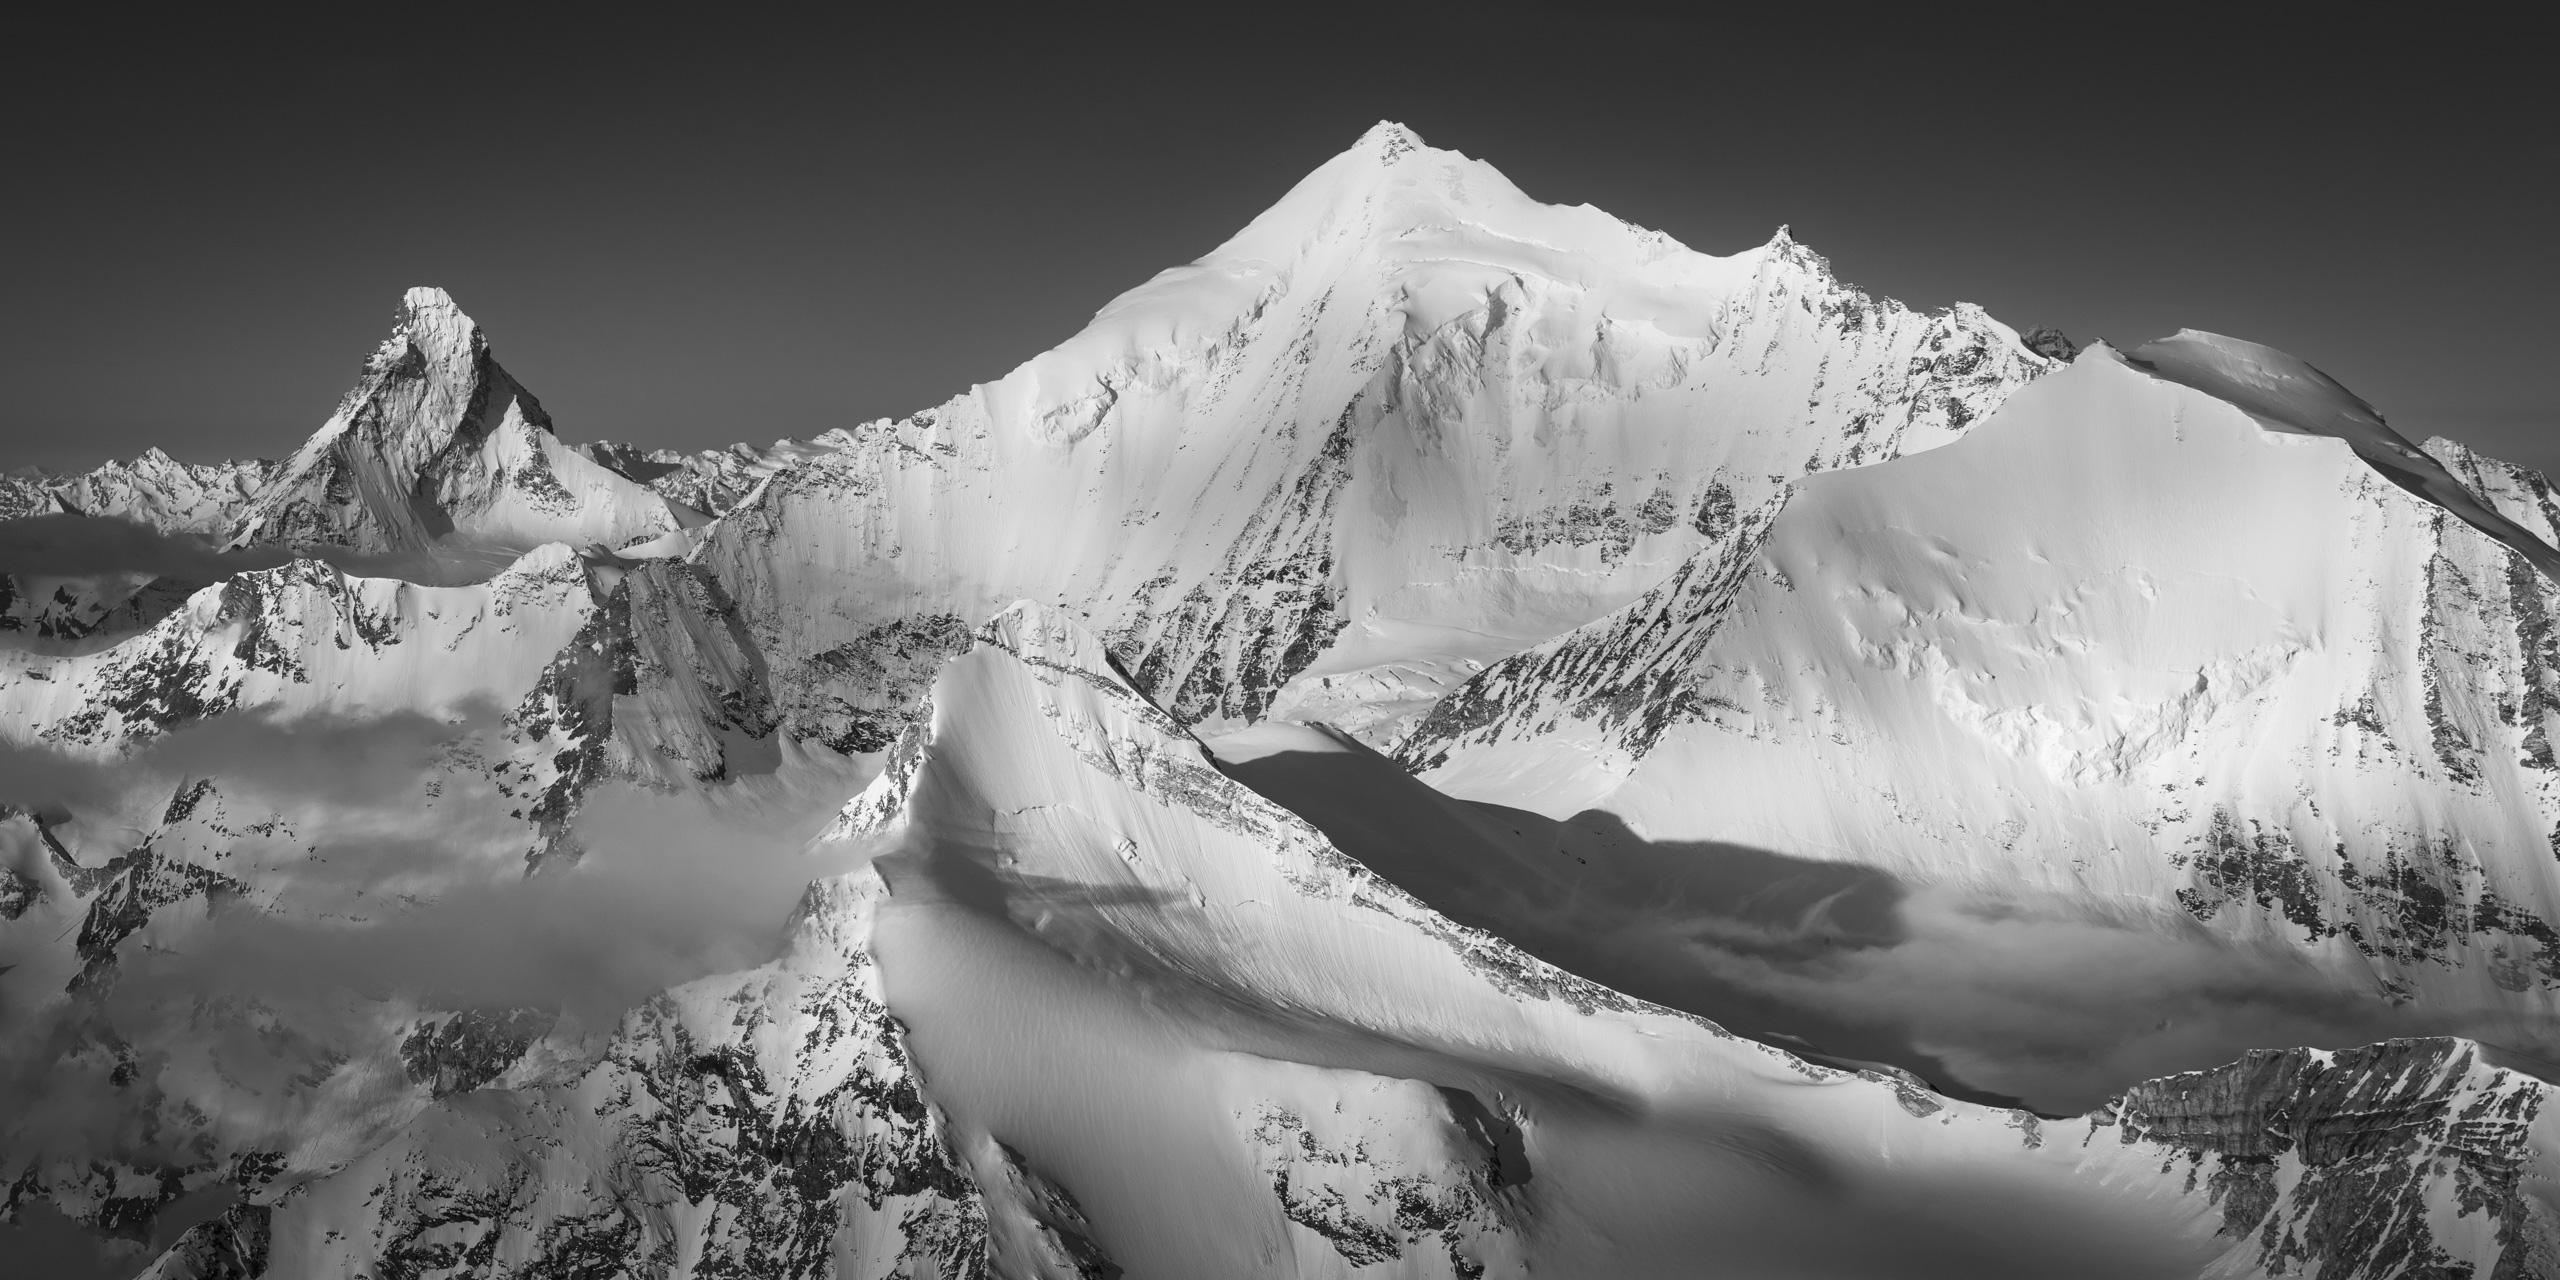 Weisshorn - Alpes suisses sommets - Photos de montagne Crans Montana